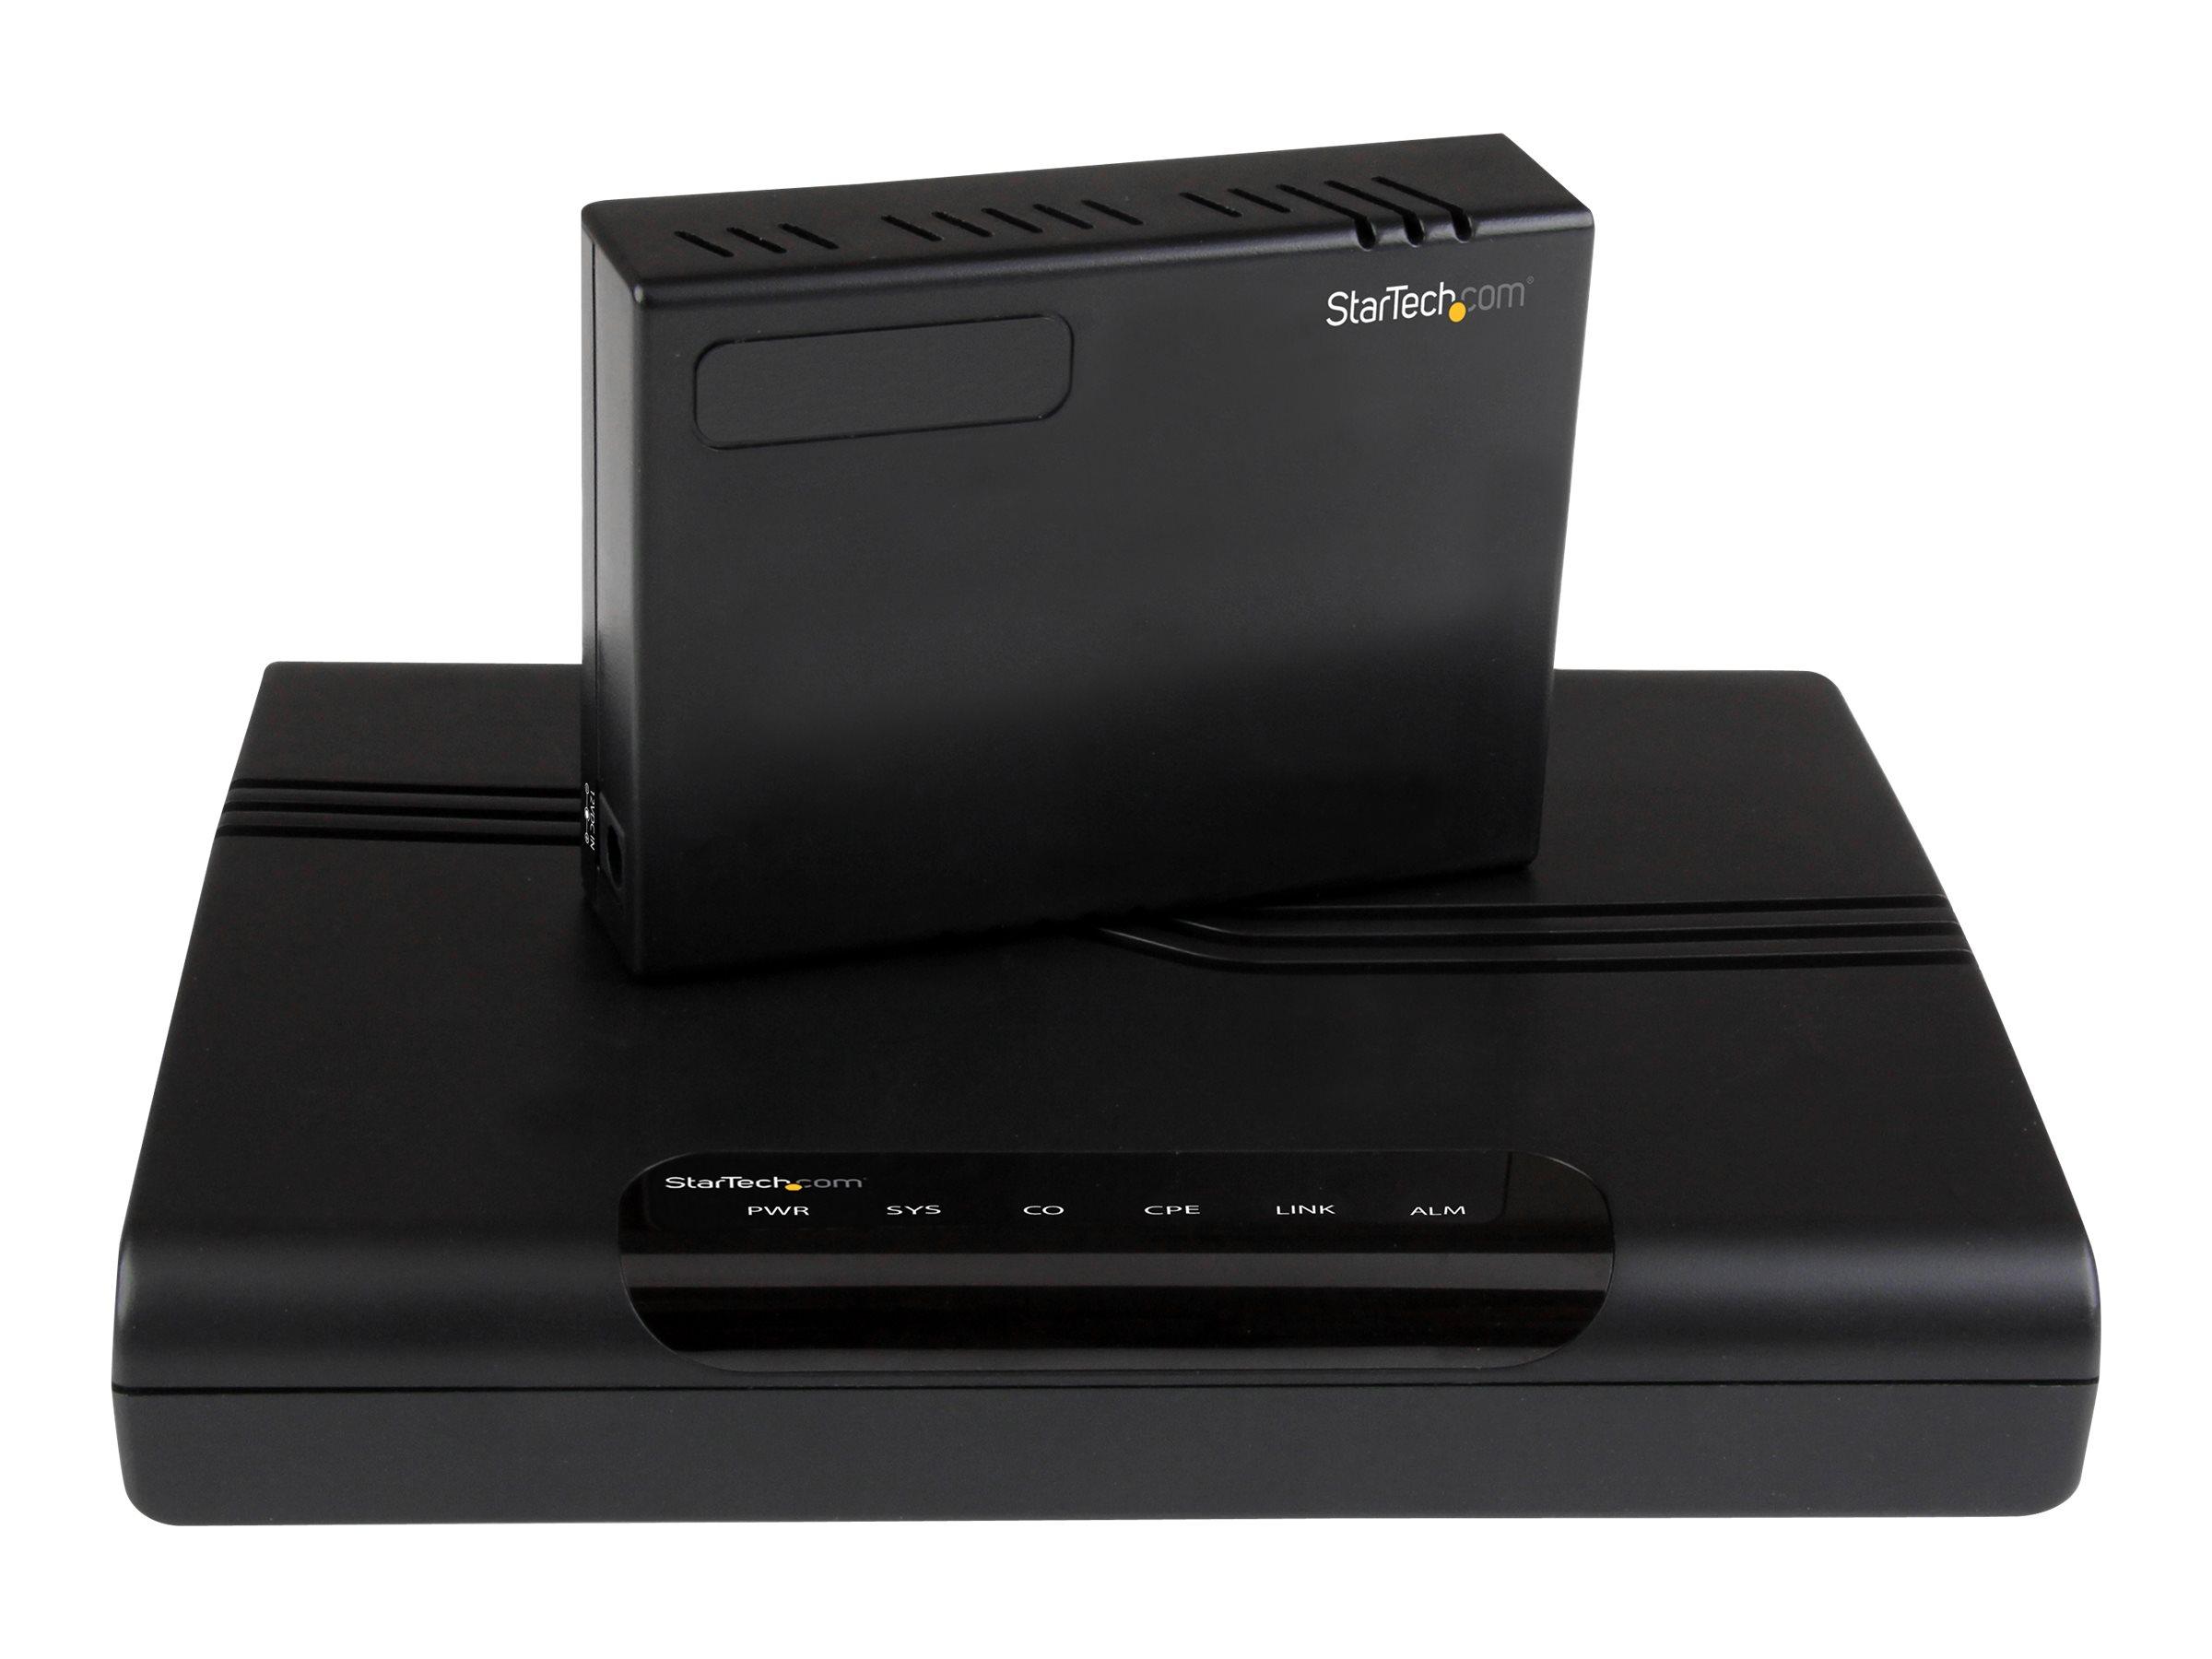 StarTech.com 1 Port zu 4 Port VDSL2 Ethernet Extender Kit - LAN Netzwerk Verlängerung 10/100Mbps - Kurzstreckenmodem - 100Mb LAN